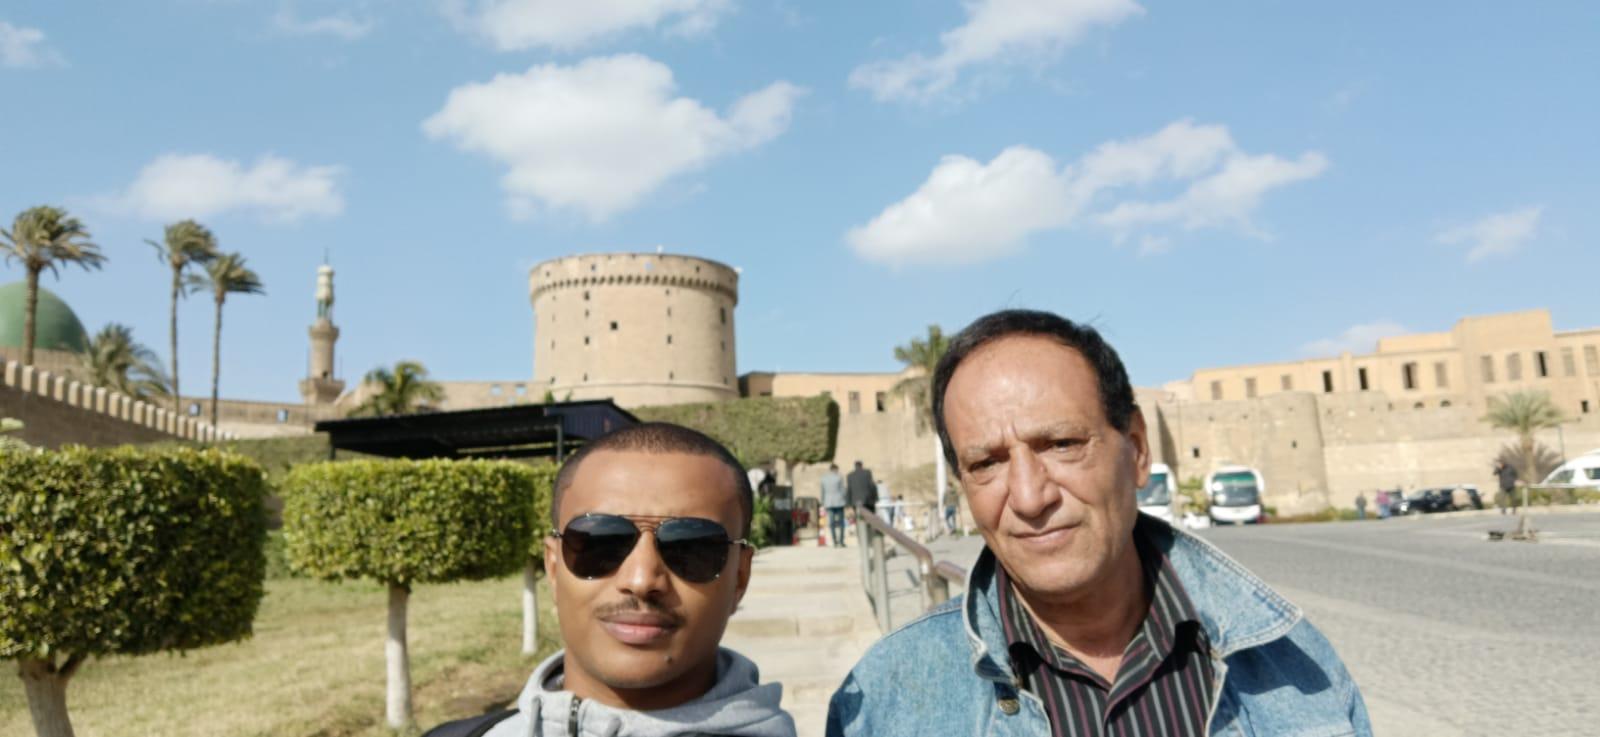 9 Days Cheap Egypt Tour to Cairo - Luxor - Aswan 5